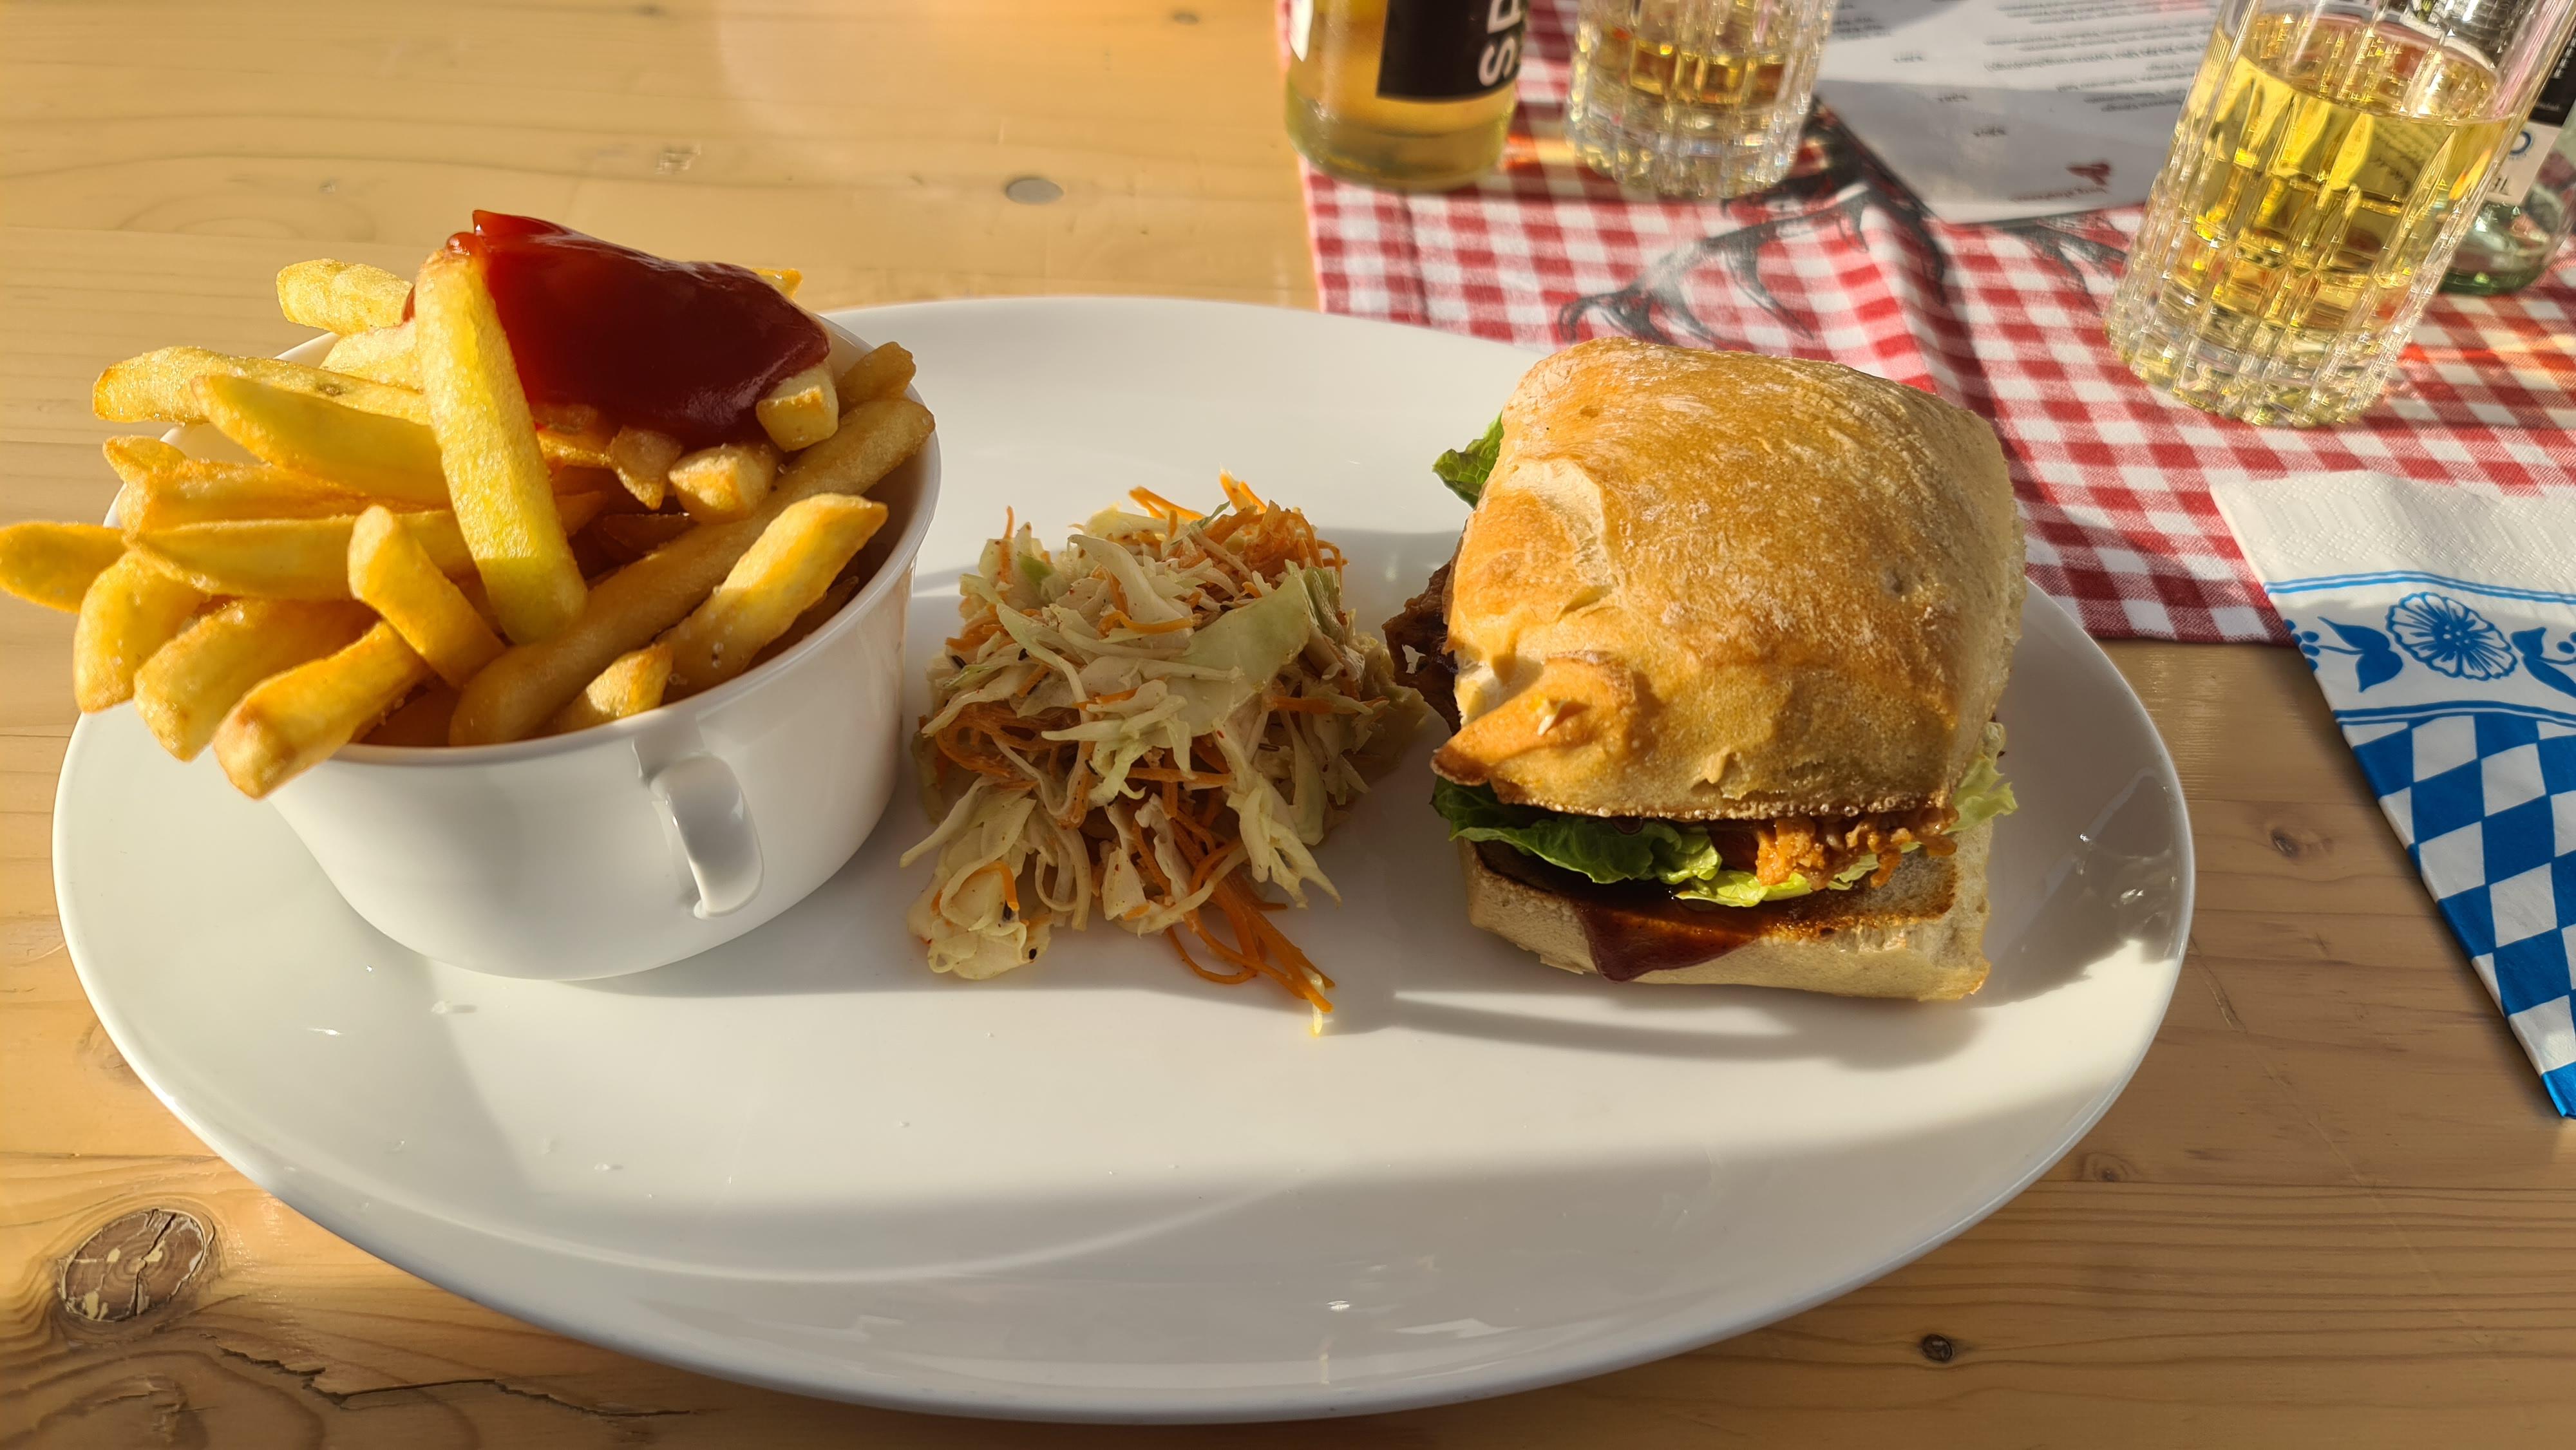 https://foodloader.net/Holz_2020-09-13_Pulled_Pork_Burger.jpg